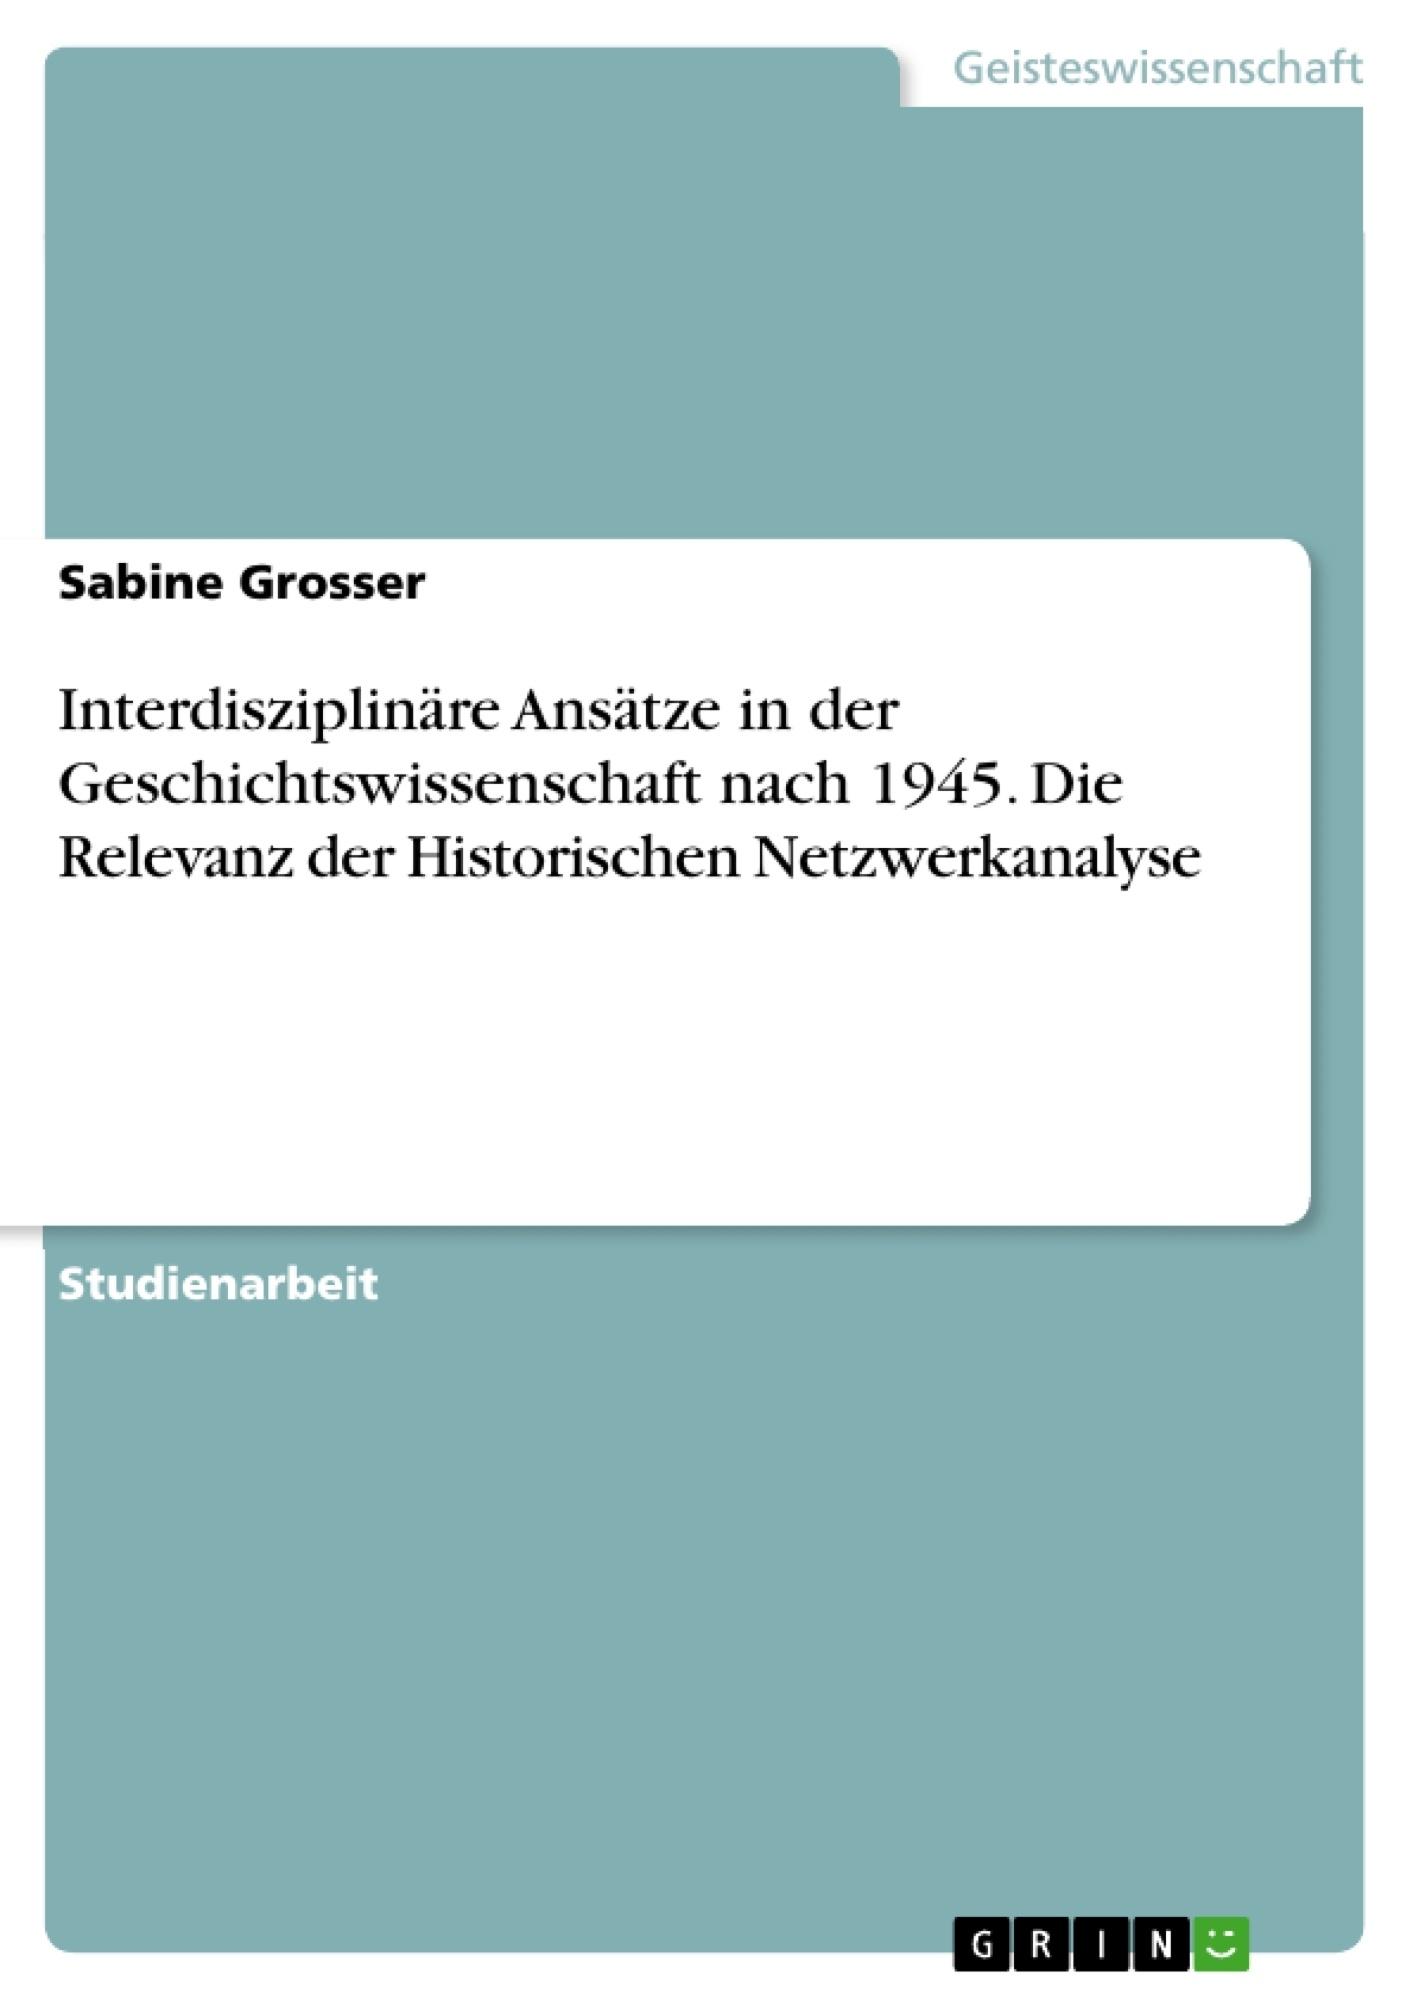 Titel: Interdisziplinäre Ansätze in der Geschichtswissenschaft nach 1945. Die Relevanz der Historischen Netzwerkanalyse